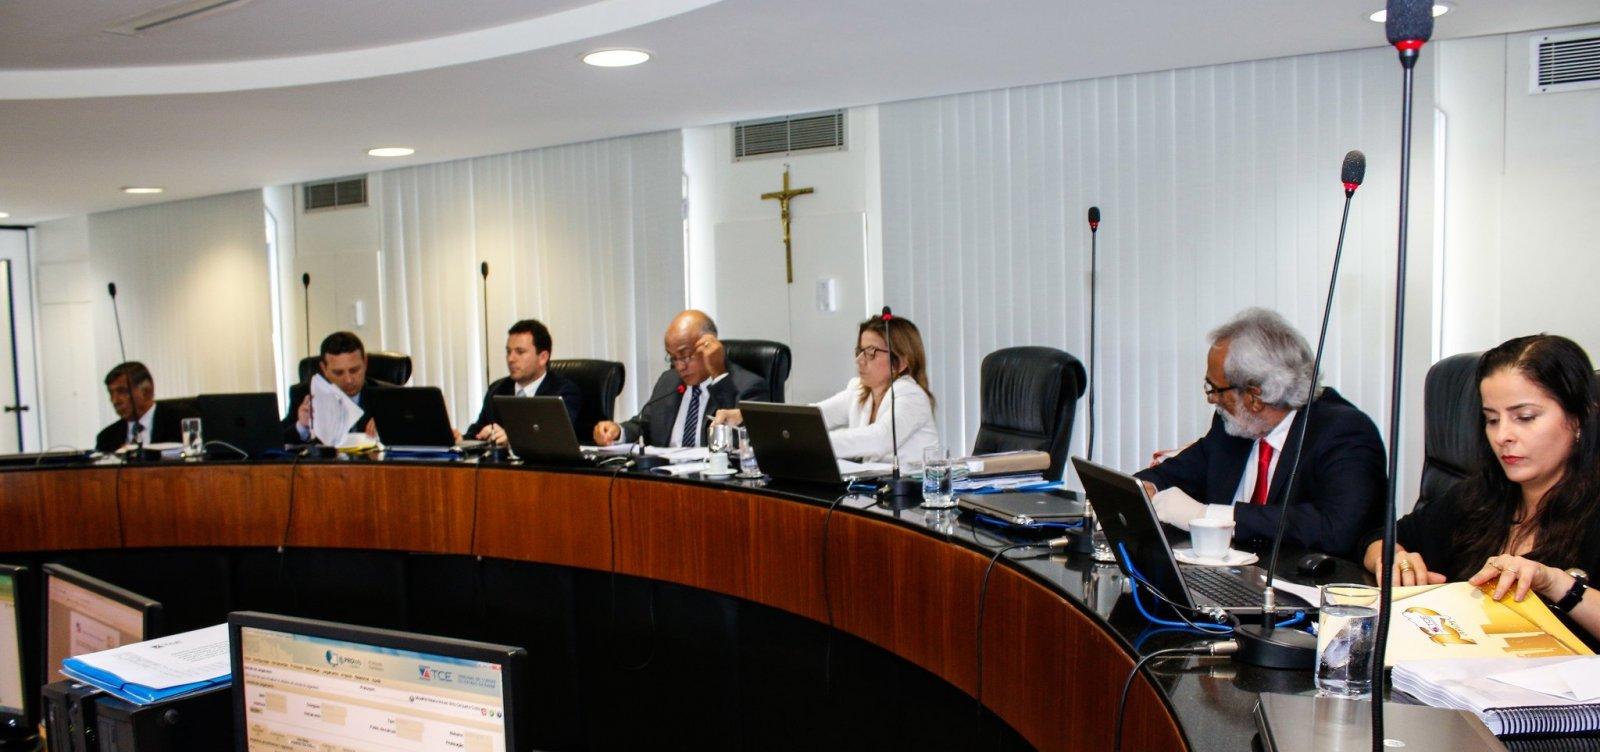 Tribunal de Contas manda que ex-prefeito de São Domingos devolva R$ 144,7 mil aos cofres públicos